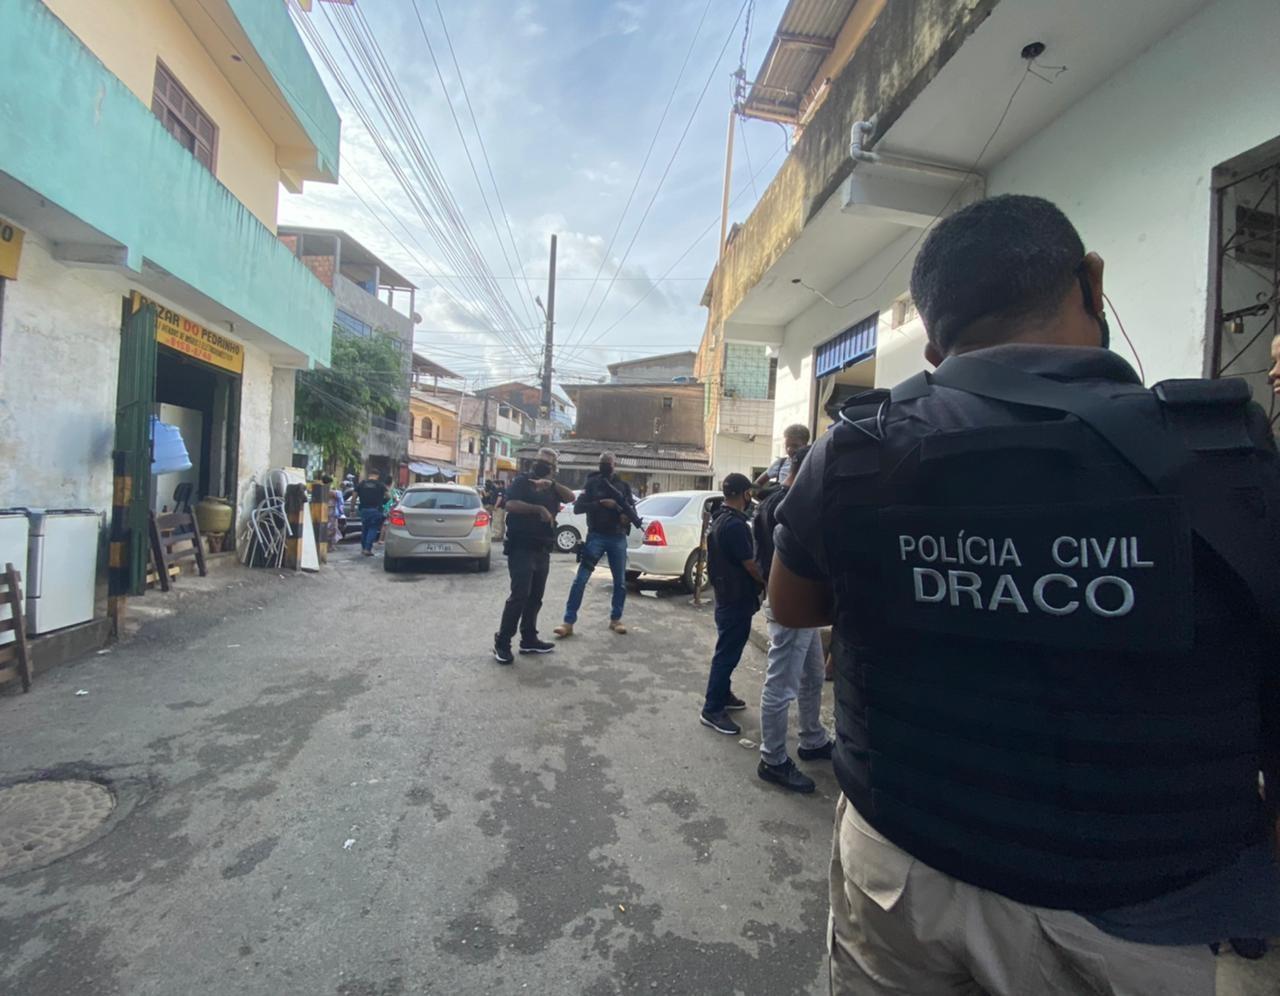 Locais apontados como pontos de vendas de entorpecentes são alvos da operação da polícia no bairro de Pernambués